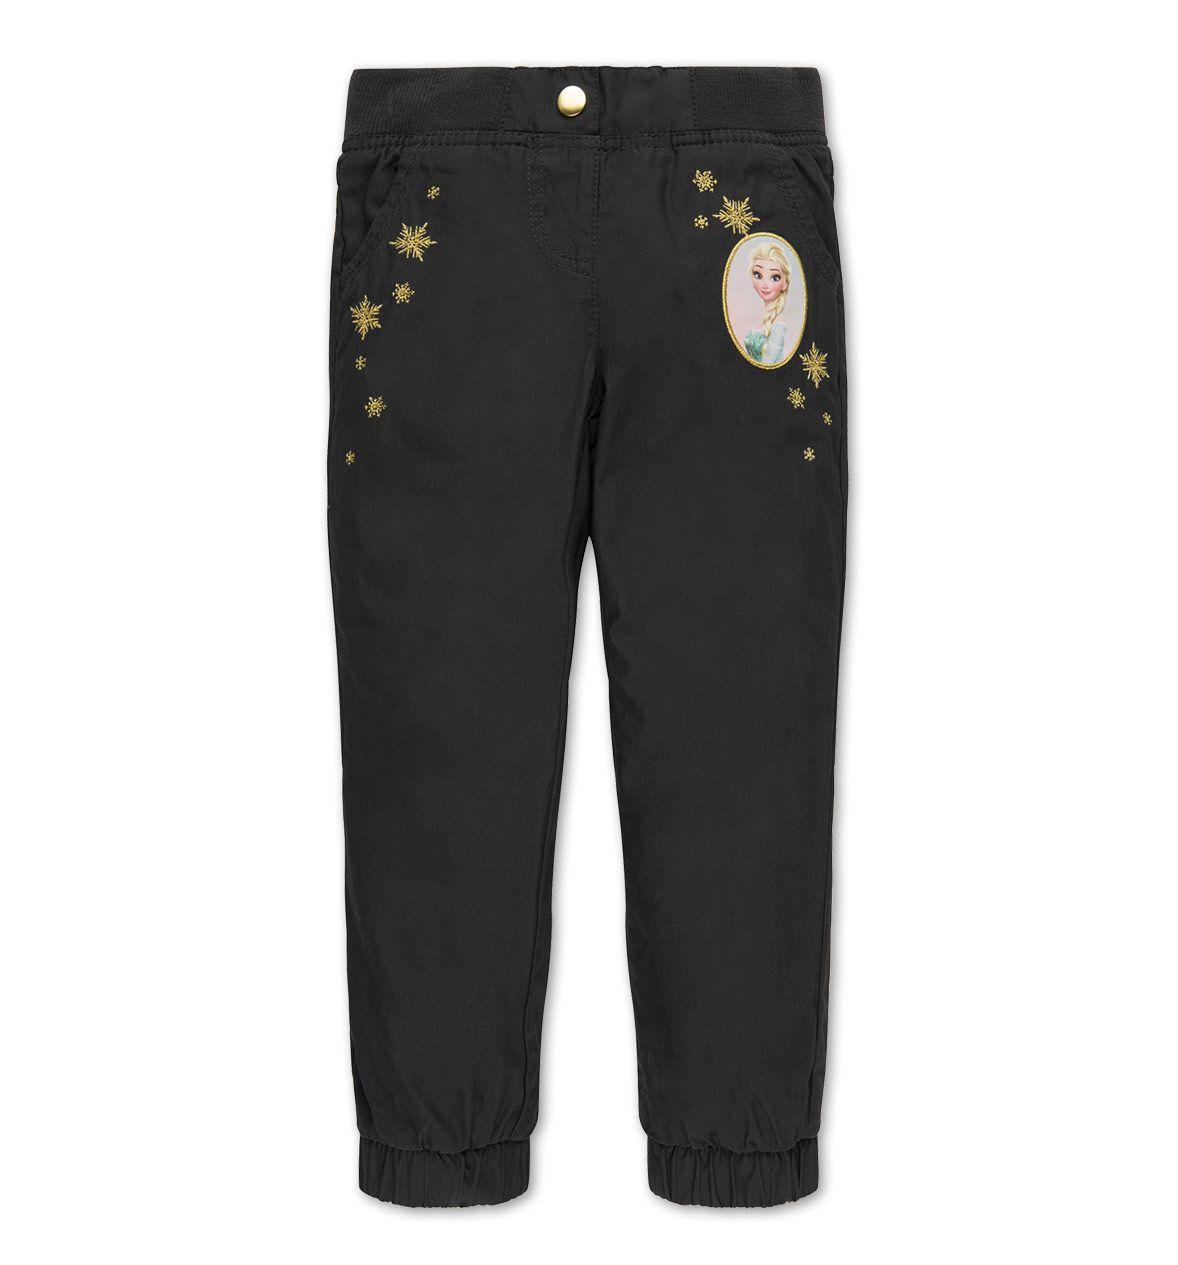 Sklep Internetowy C A Spodnie Ocieplane Kolor Ciemnoszary Dobra Jakosc W Niskiej Cenie 60 Zl Skinny Jeans Fashion Skinny